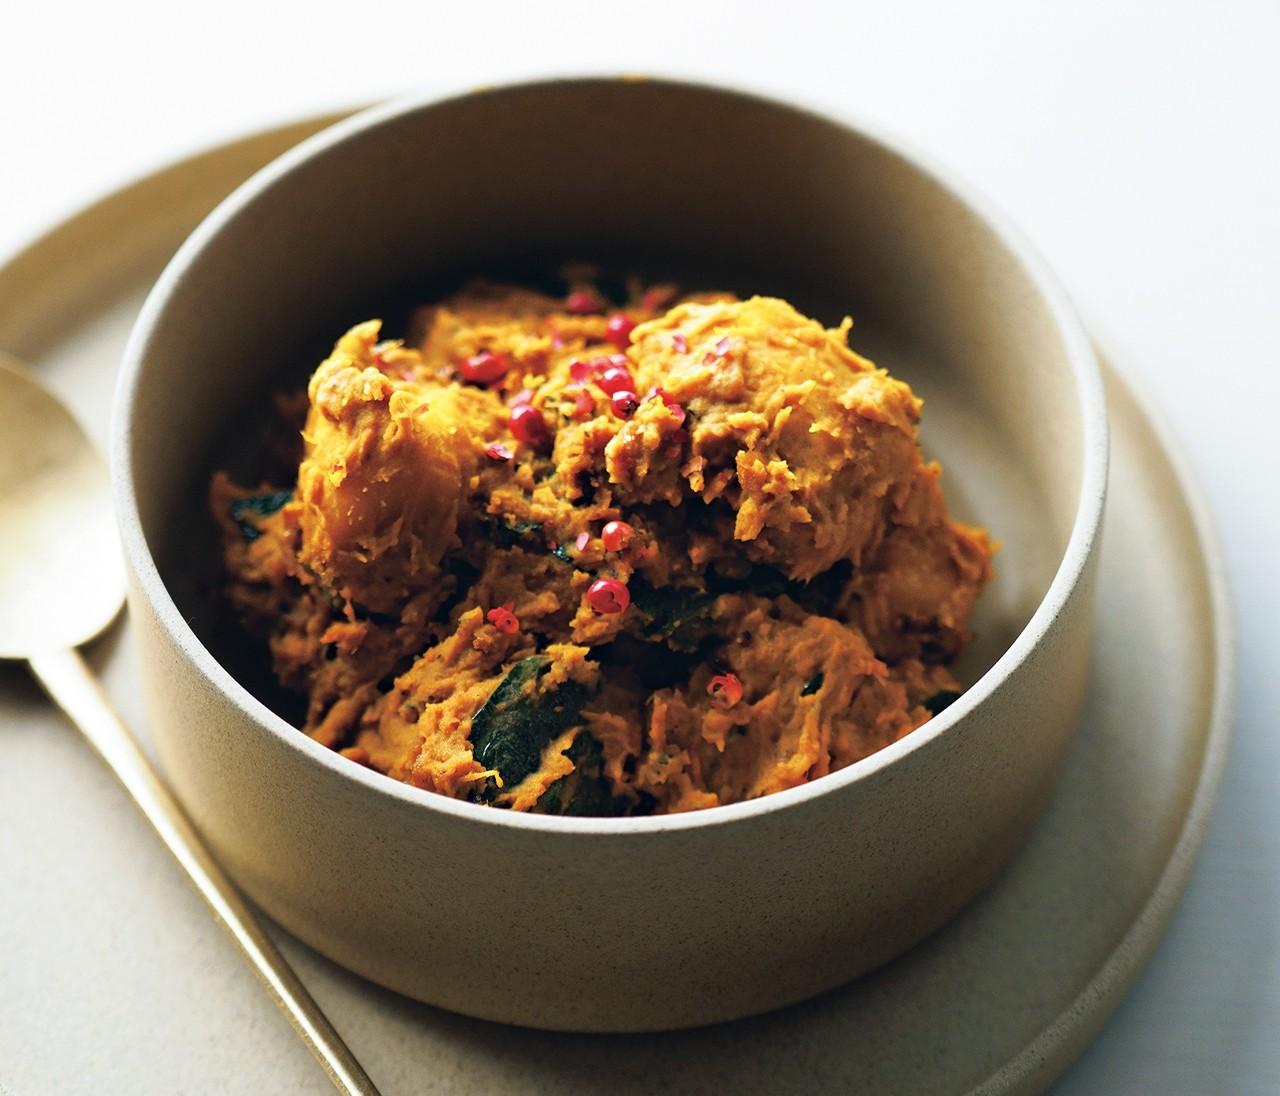 【印度カリー子さんのスパイスレシピ2】冷えや疲れを解消!かぼちゃ、ビーフ、マッシュルームのインドカレーレシピ3選